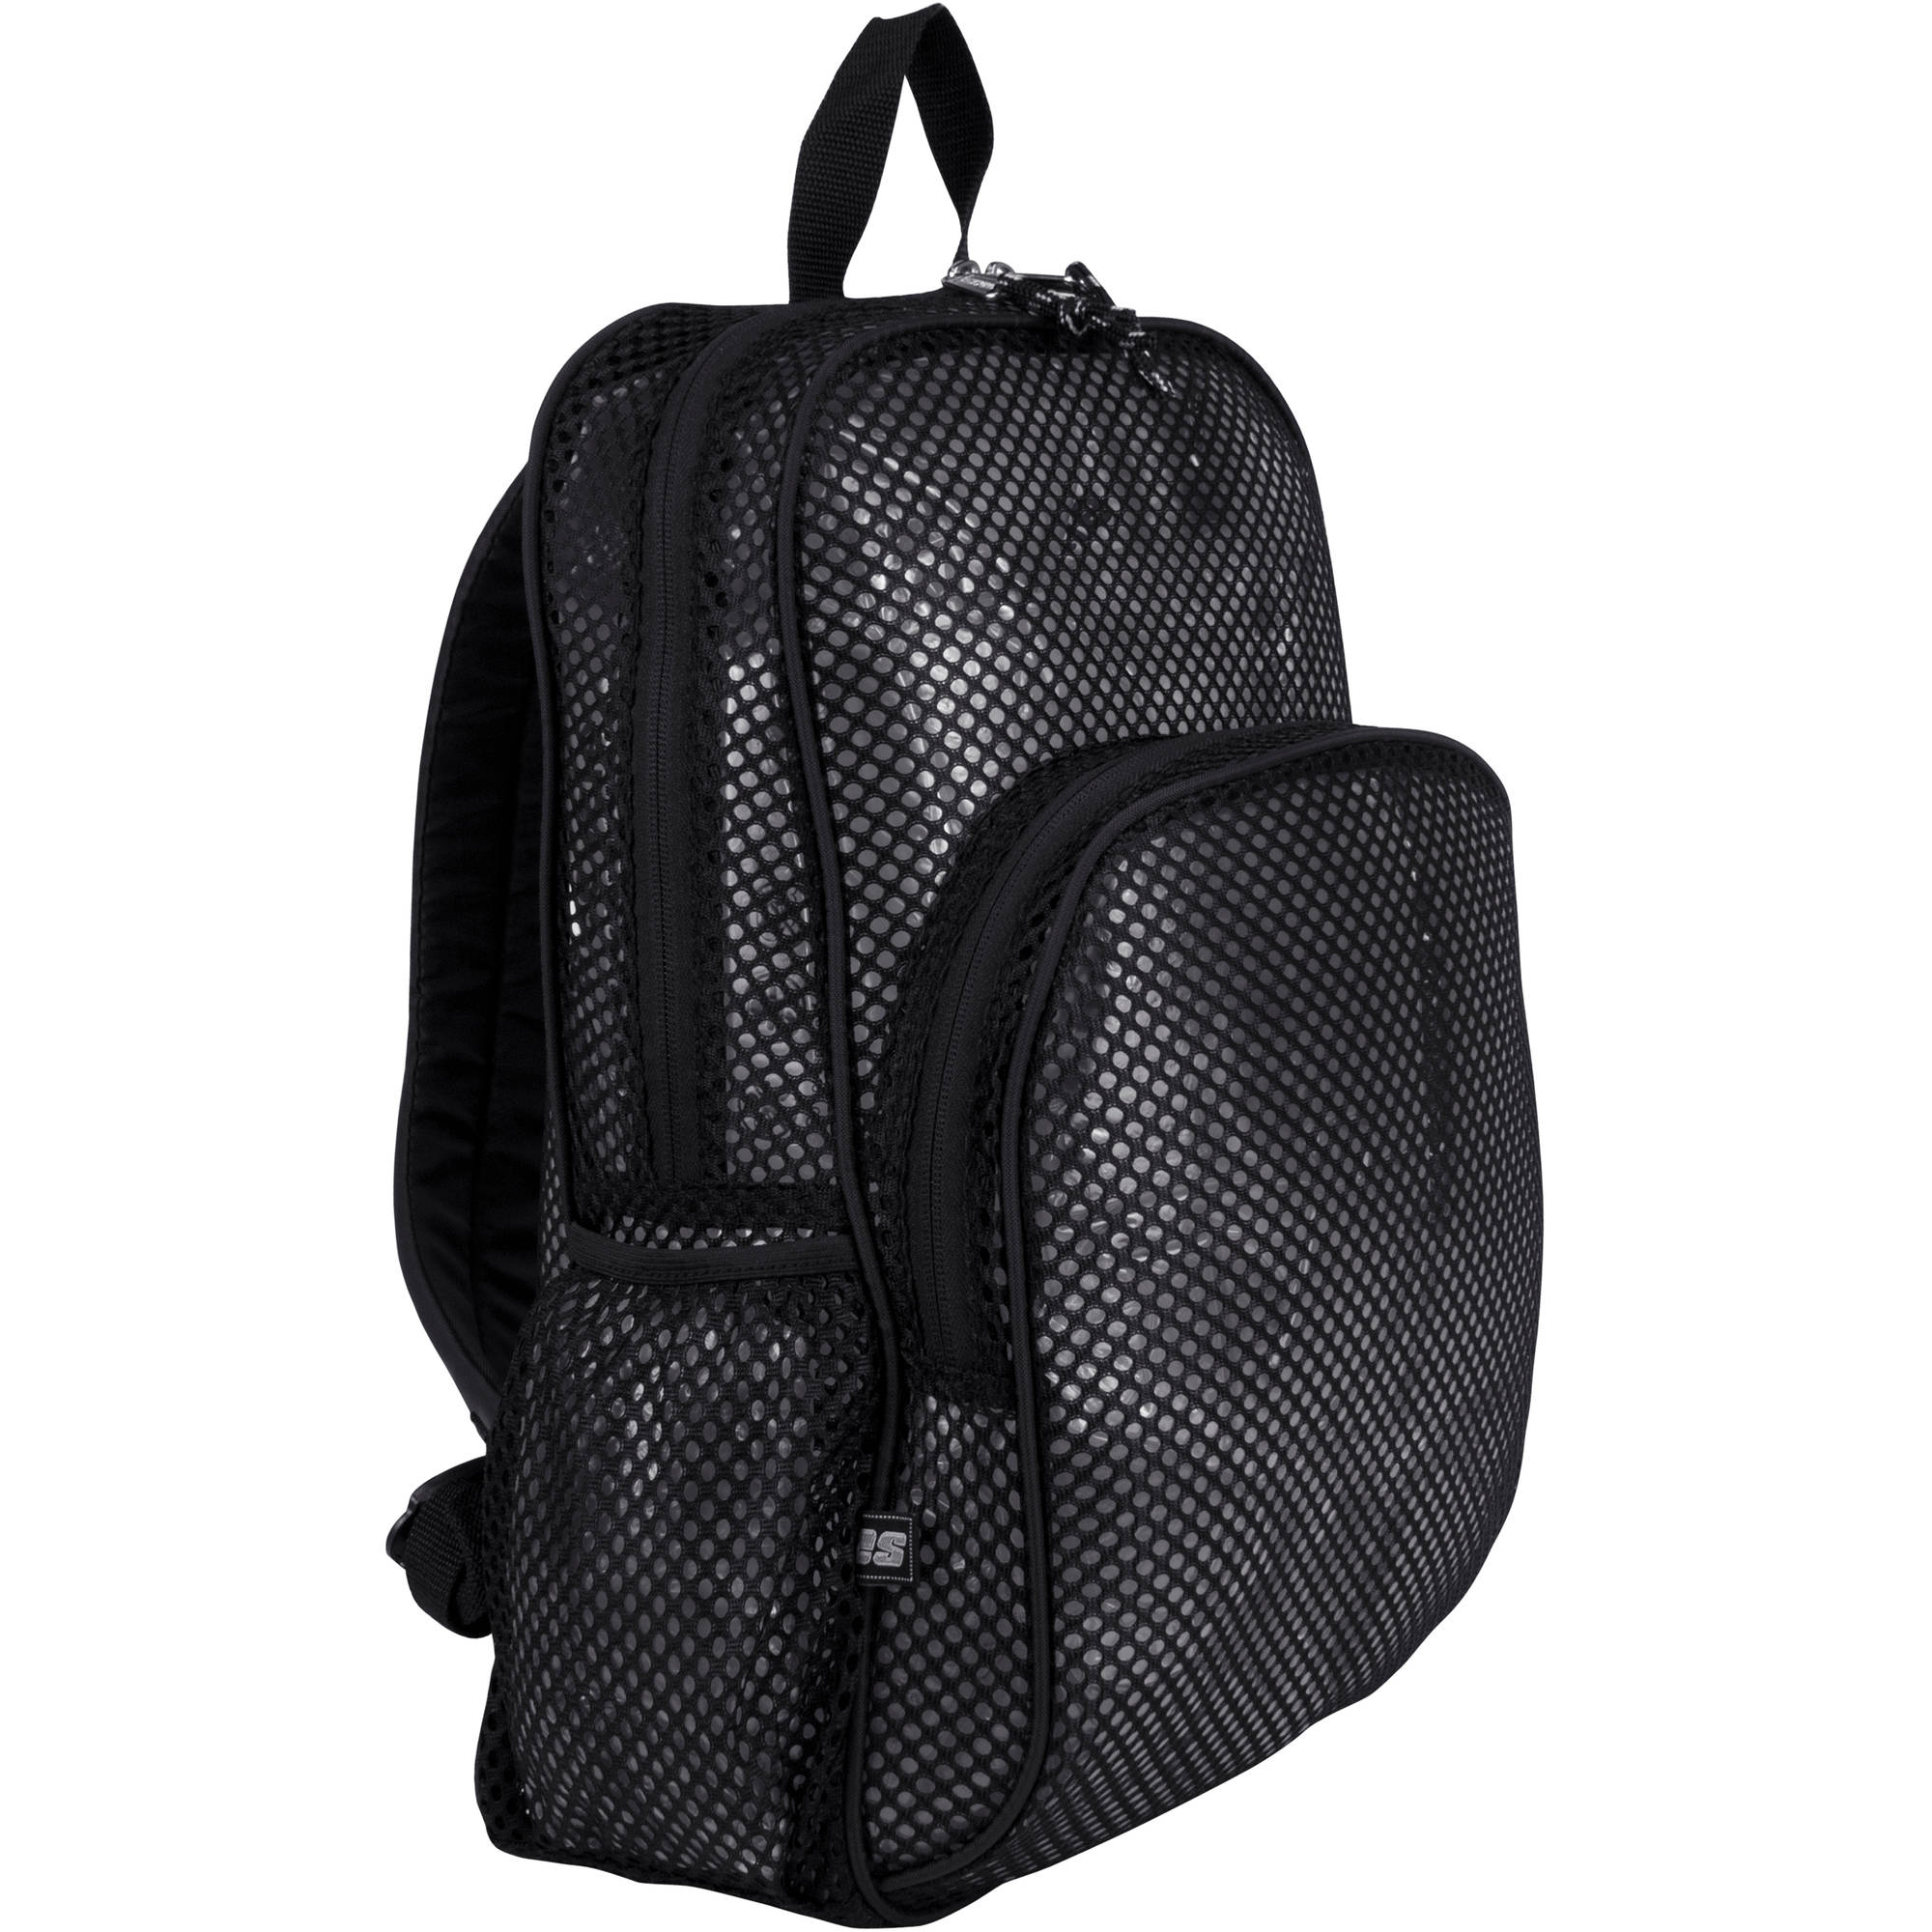 Eastsport Mesh Backpack